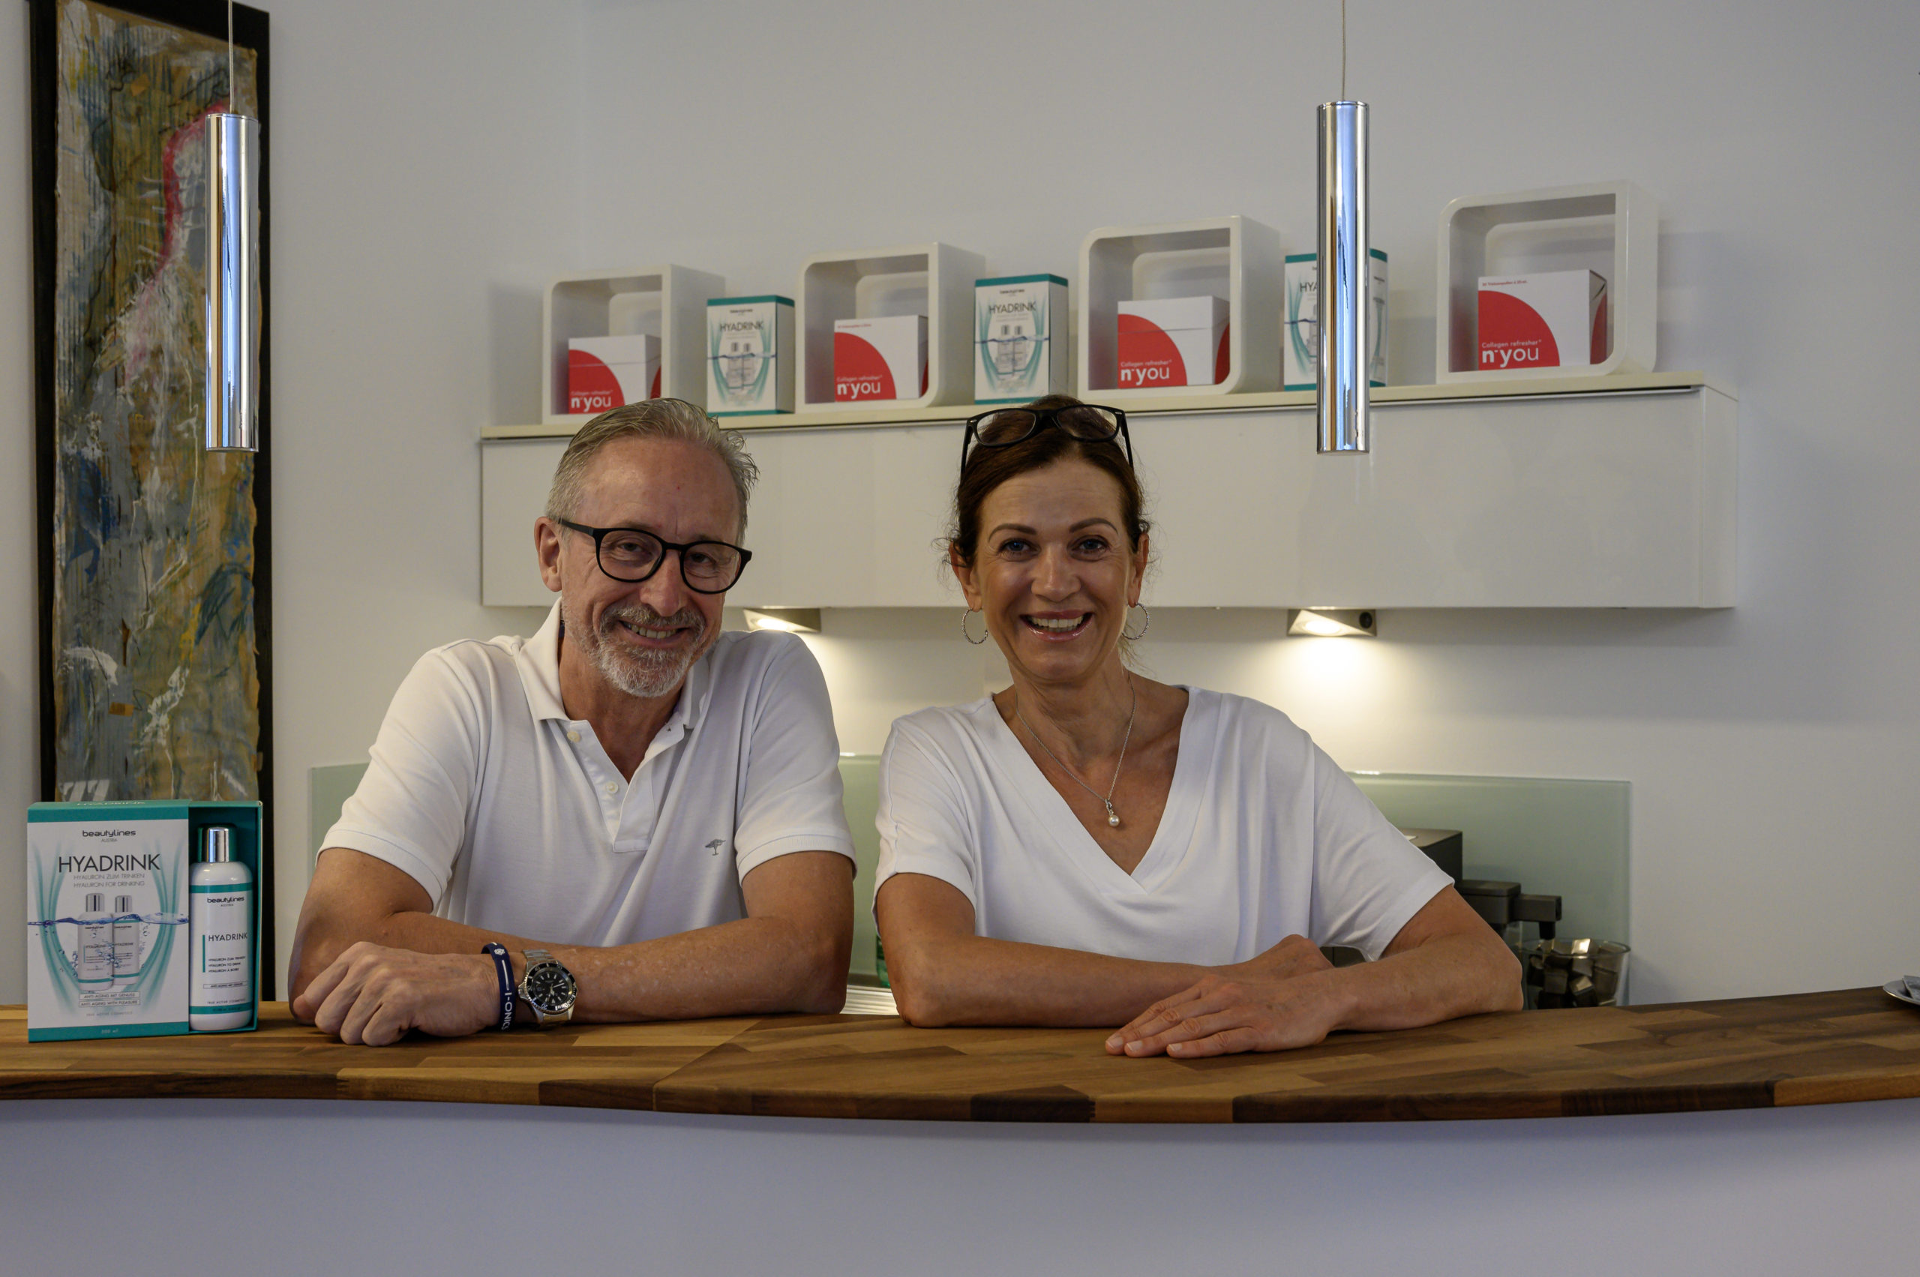 Herbert und Andrea Graf medfit Dornbirn